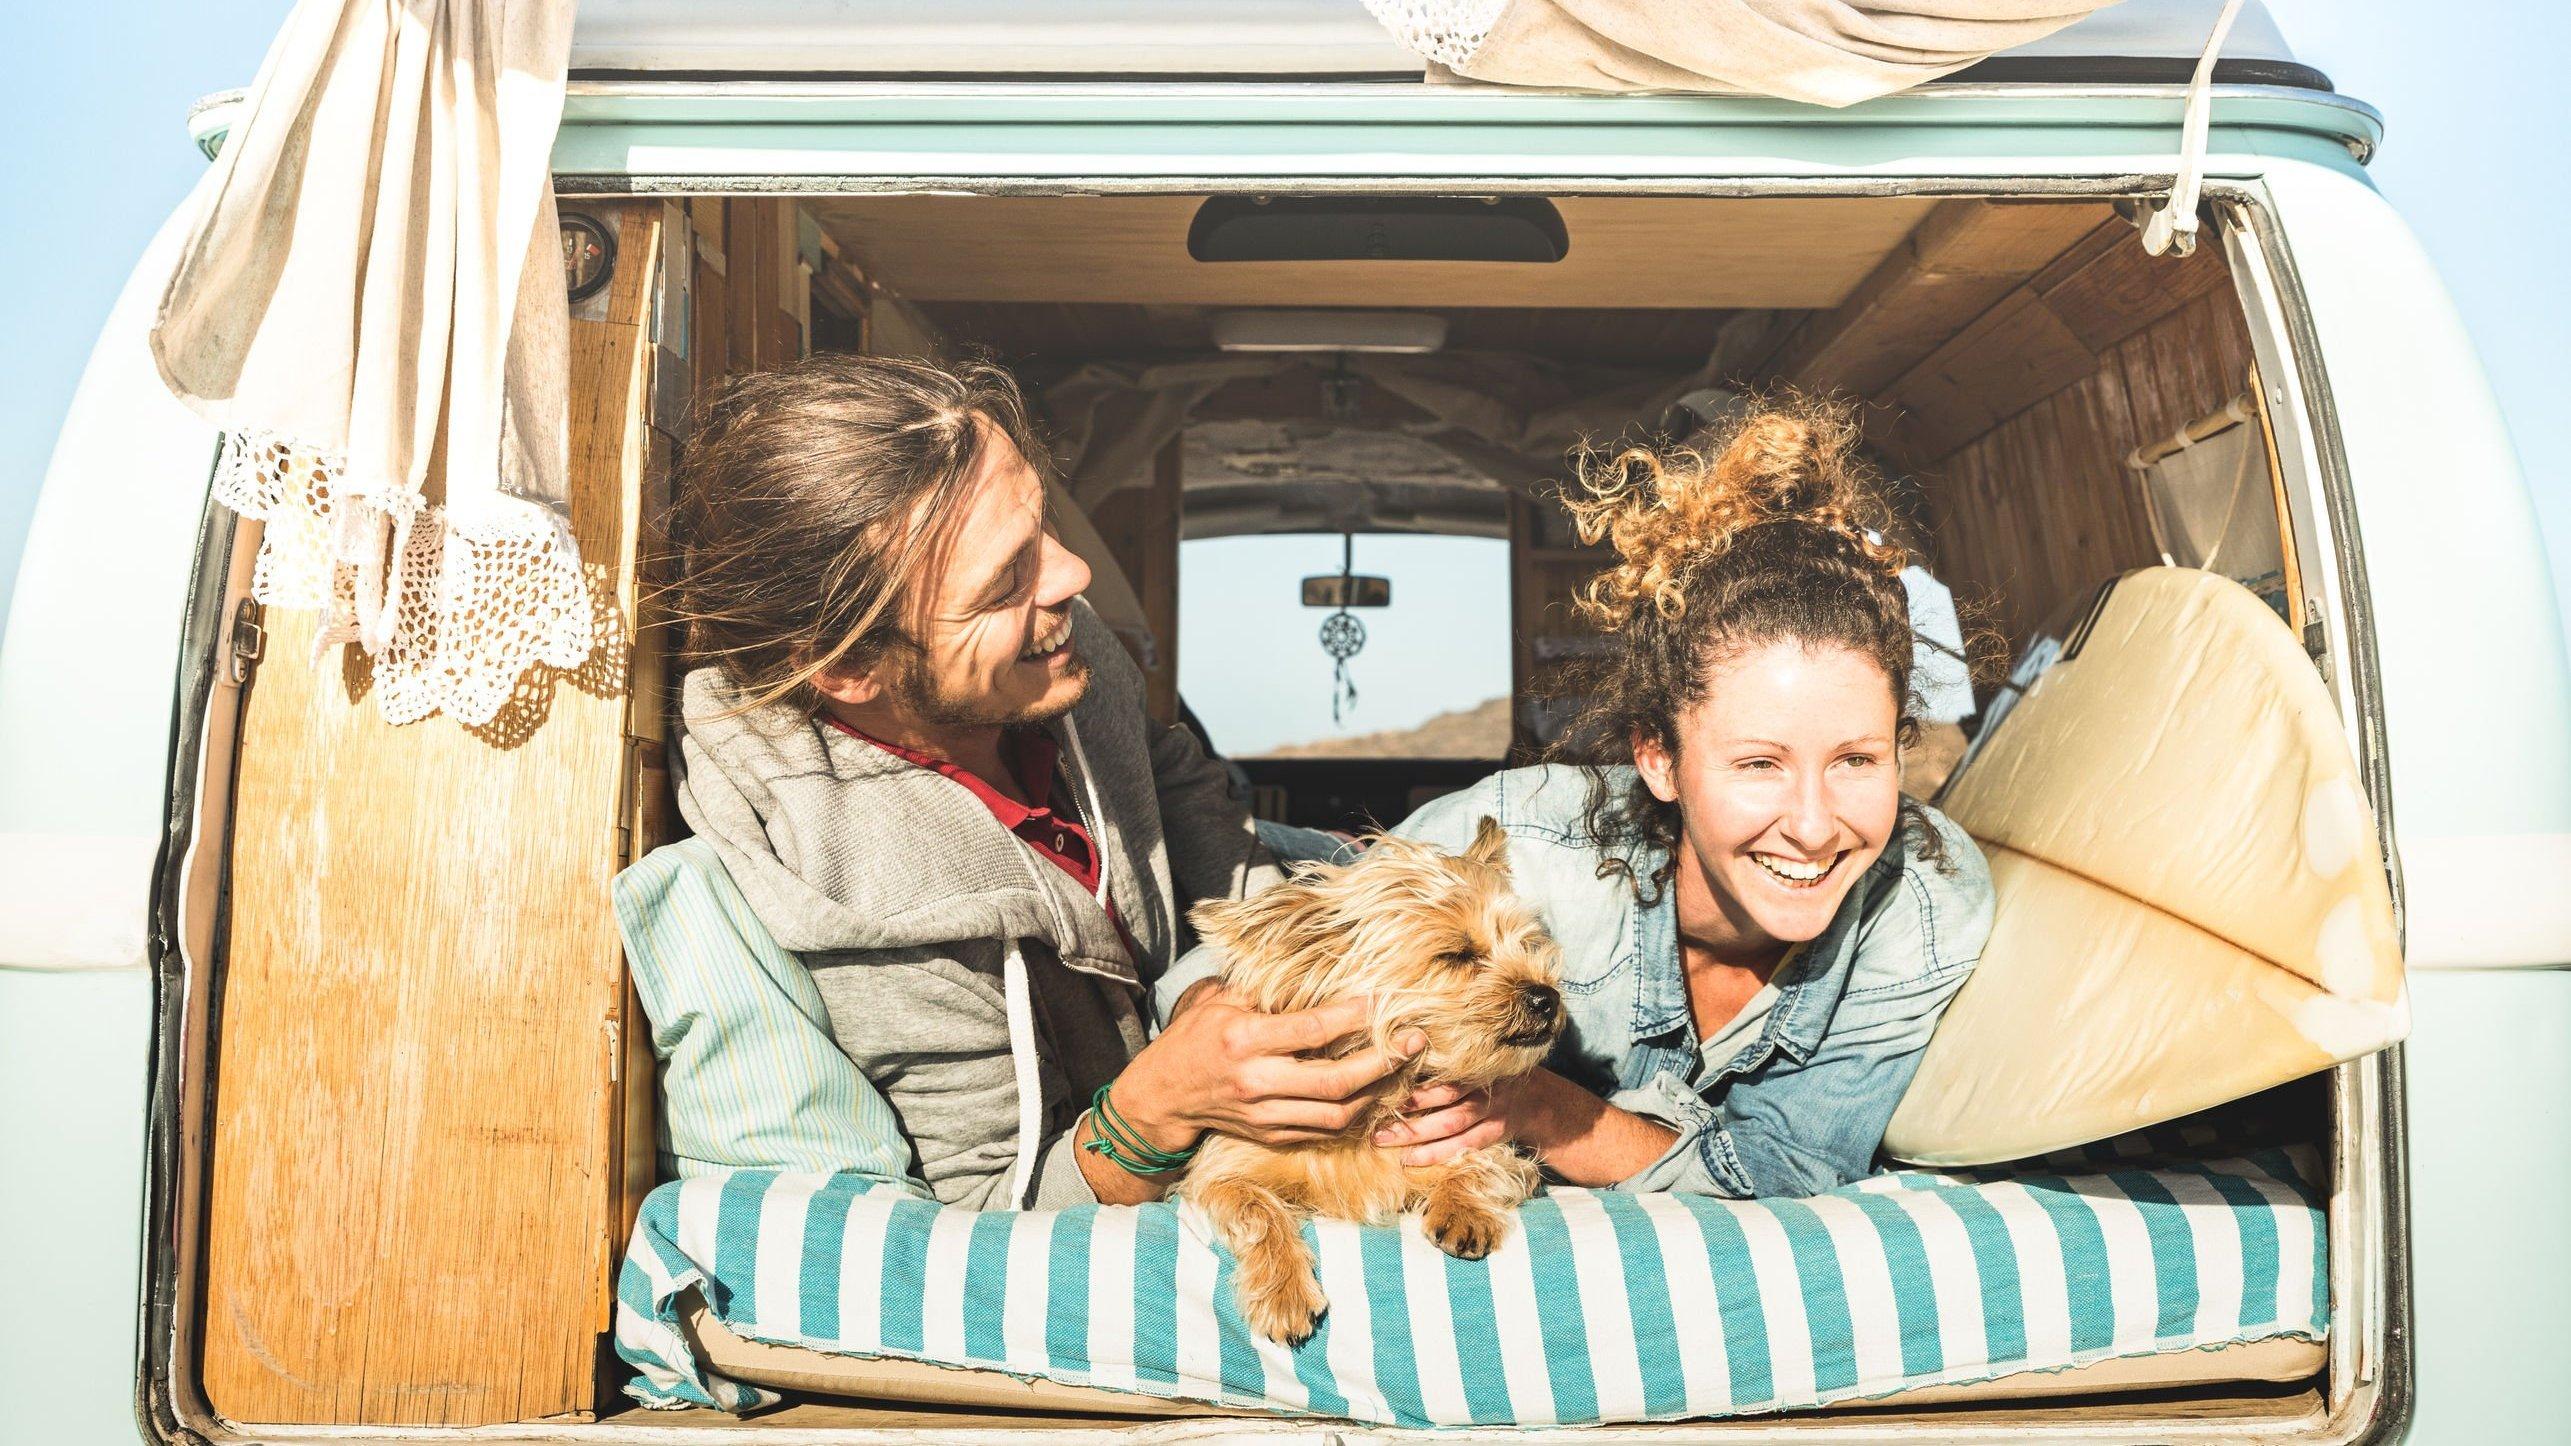 Casal branco deitado dentro de uma Kombi com um cachorro, expressões sorridentes